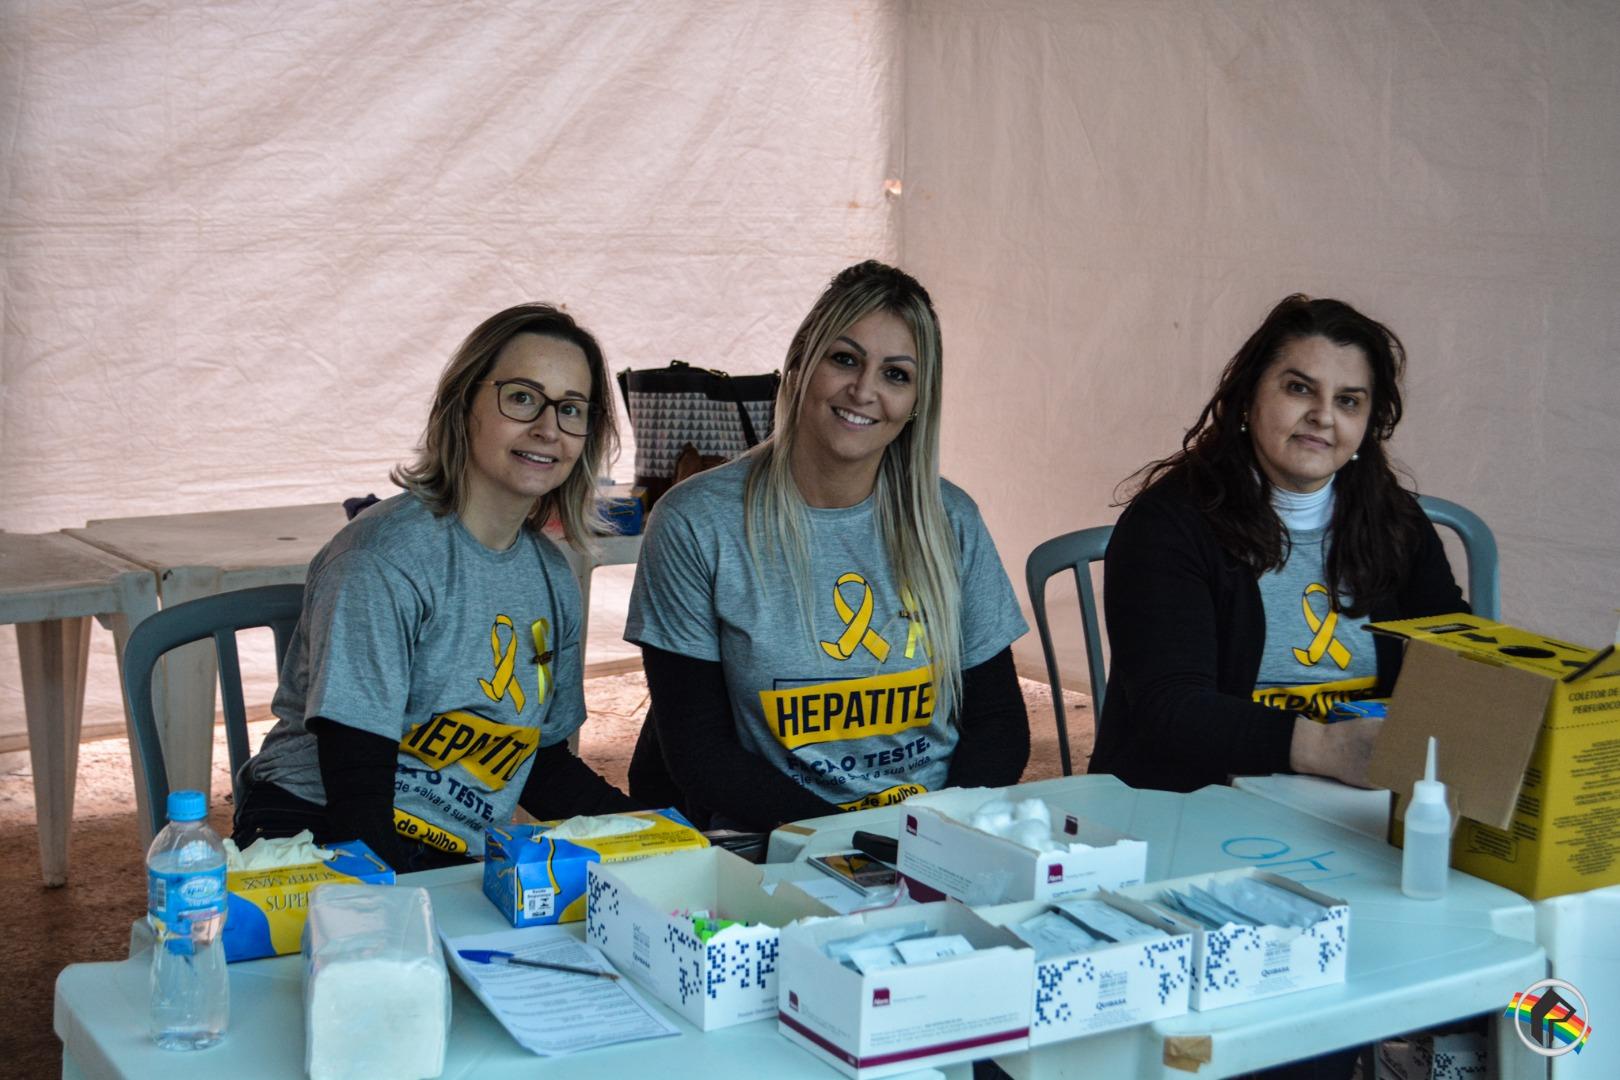 Mais de 2.000 pessoas devem fazer o teste de Hepatite B e C